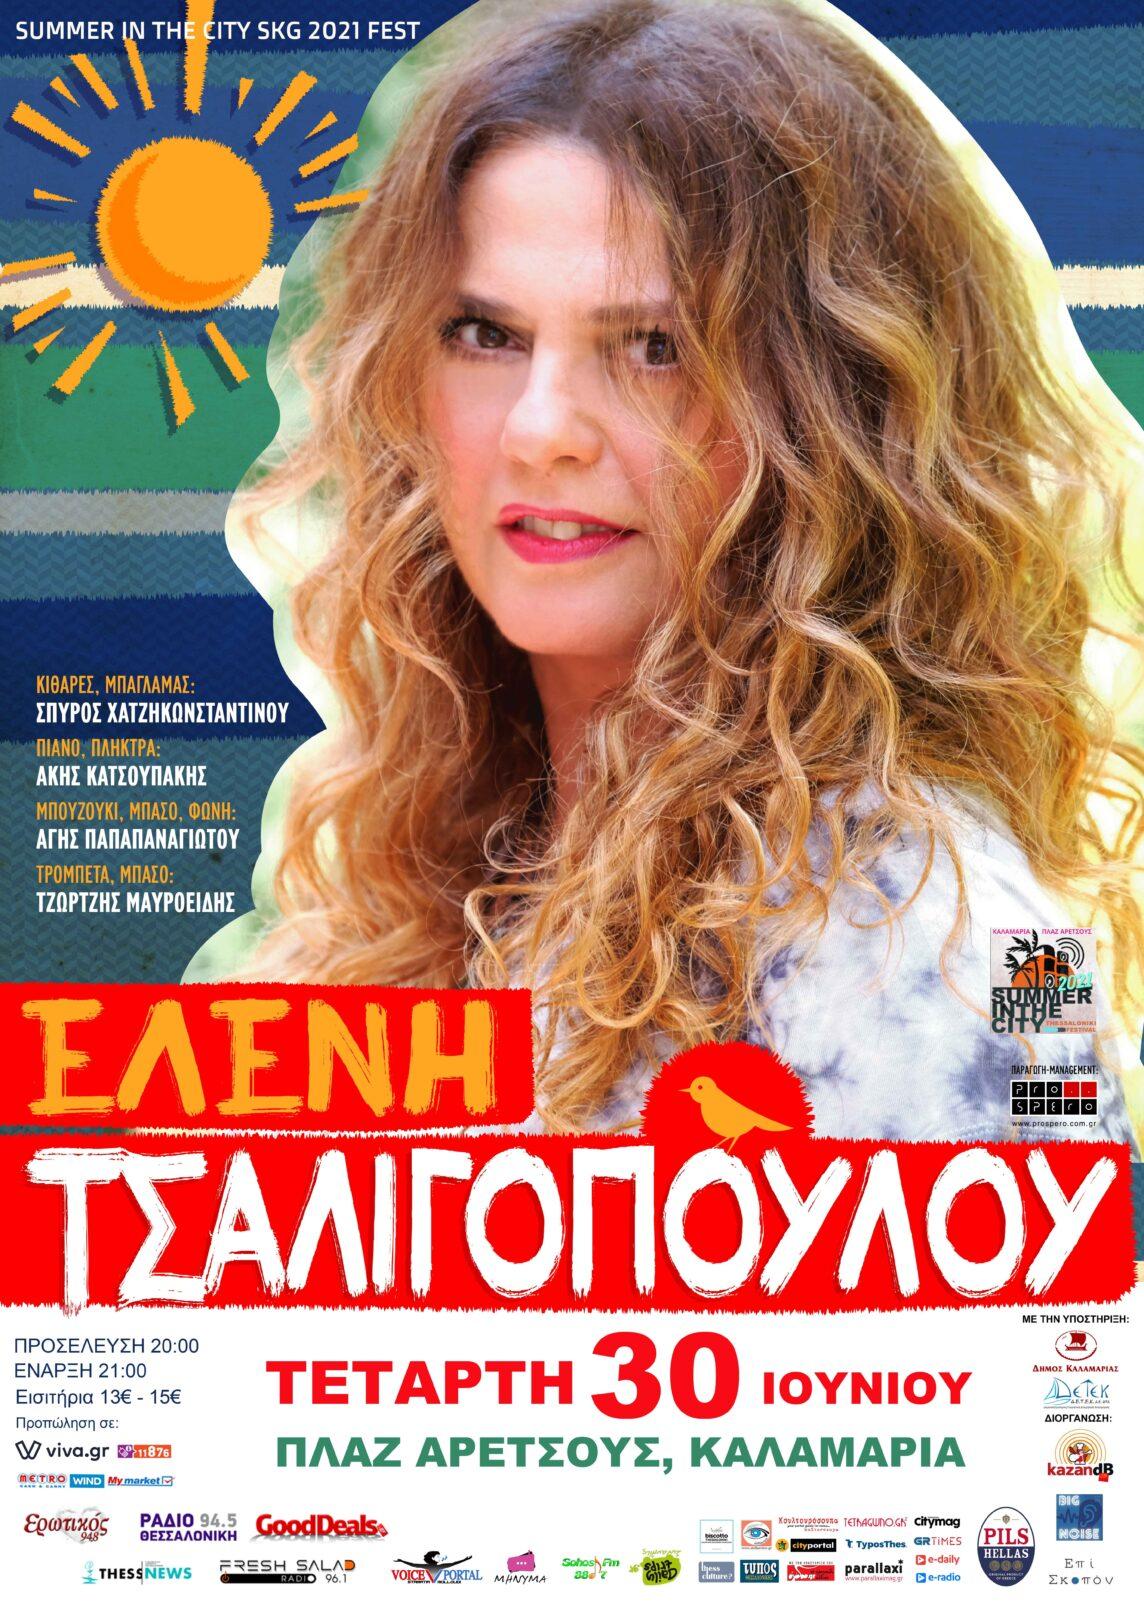 Ελένη Τσαλιγπούλου Live Πλαζ Αρετσού